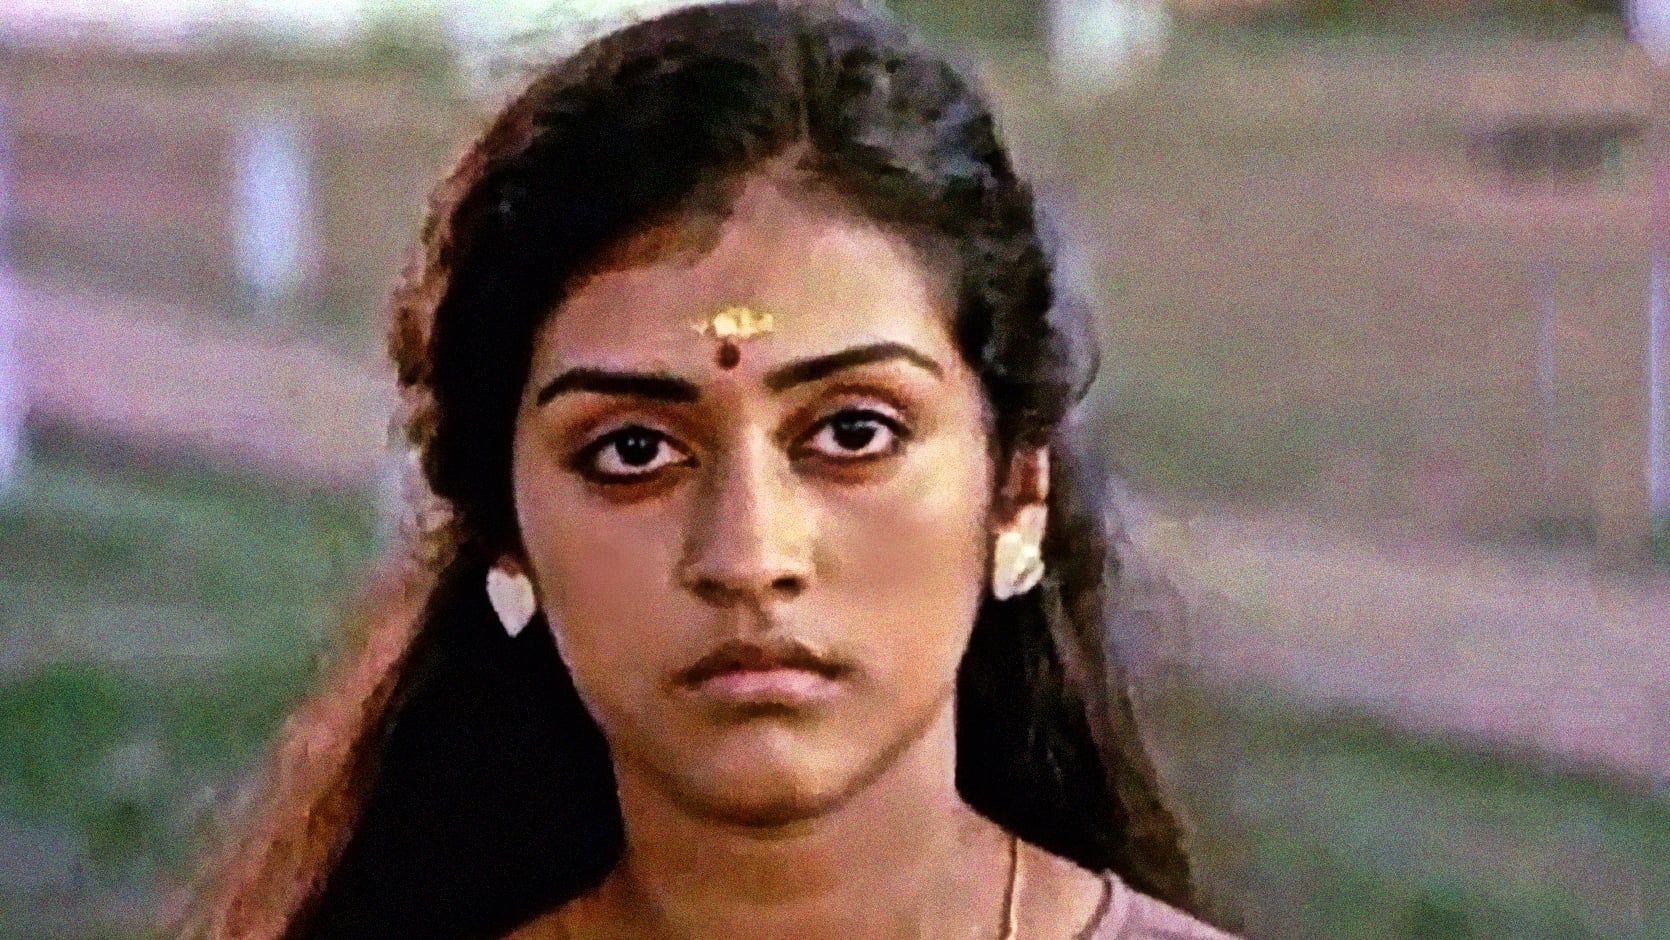 Malayalam Movies - Thoovanathumbikal (1987)